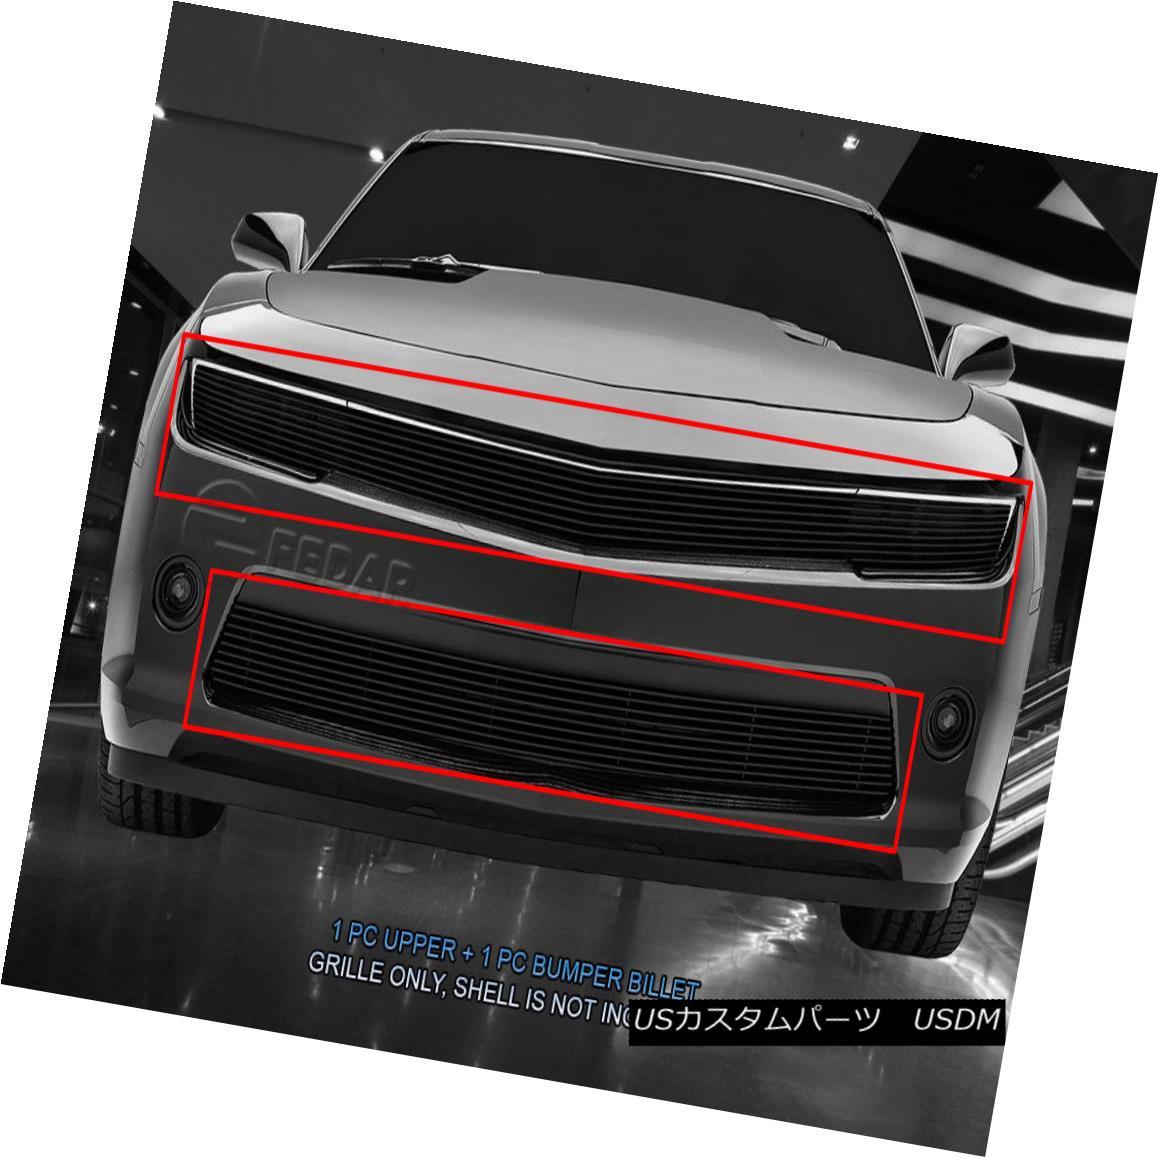 グリル Fedar Fits 2014-2015 Chevy Camaro RS Black Insert Billet Grille Combo Insert Fedarフィット2014-2015シボレーカマロRSブラックインサートビレットグリルコンボインサート